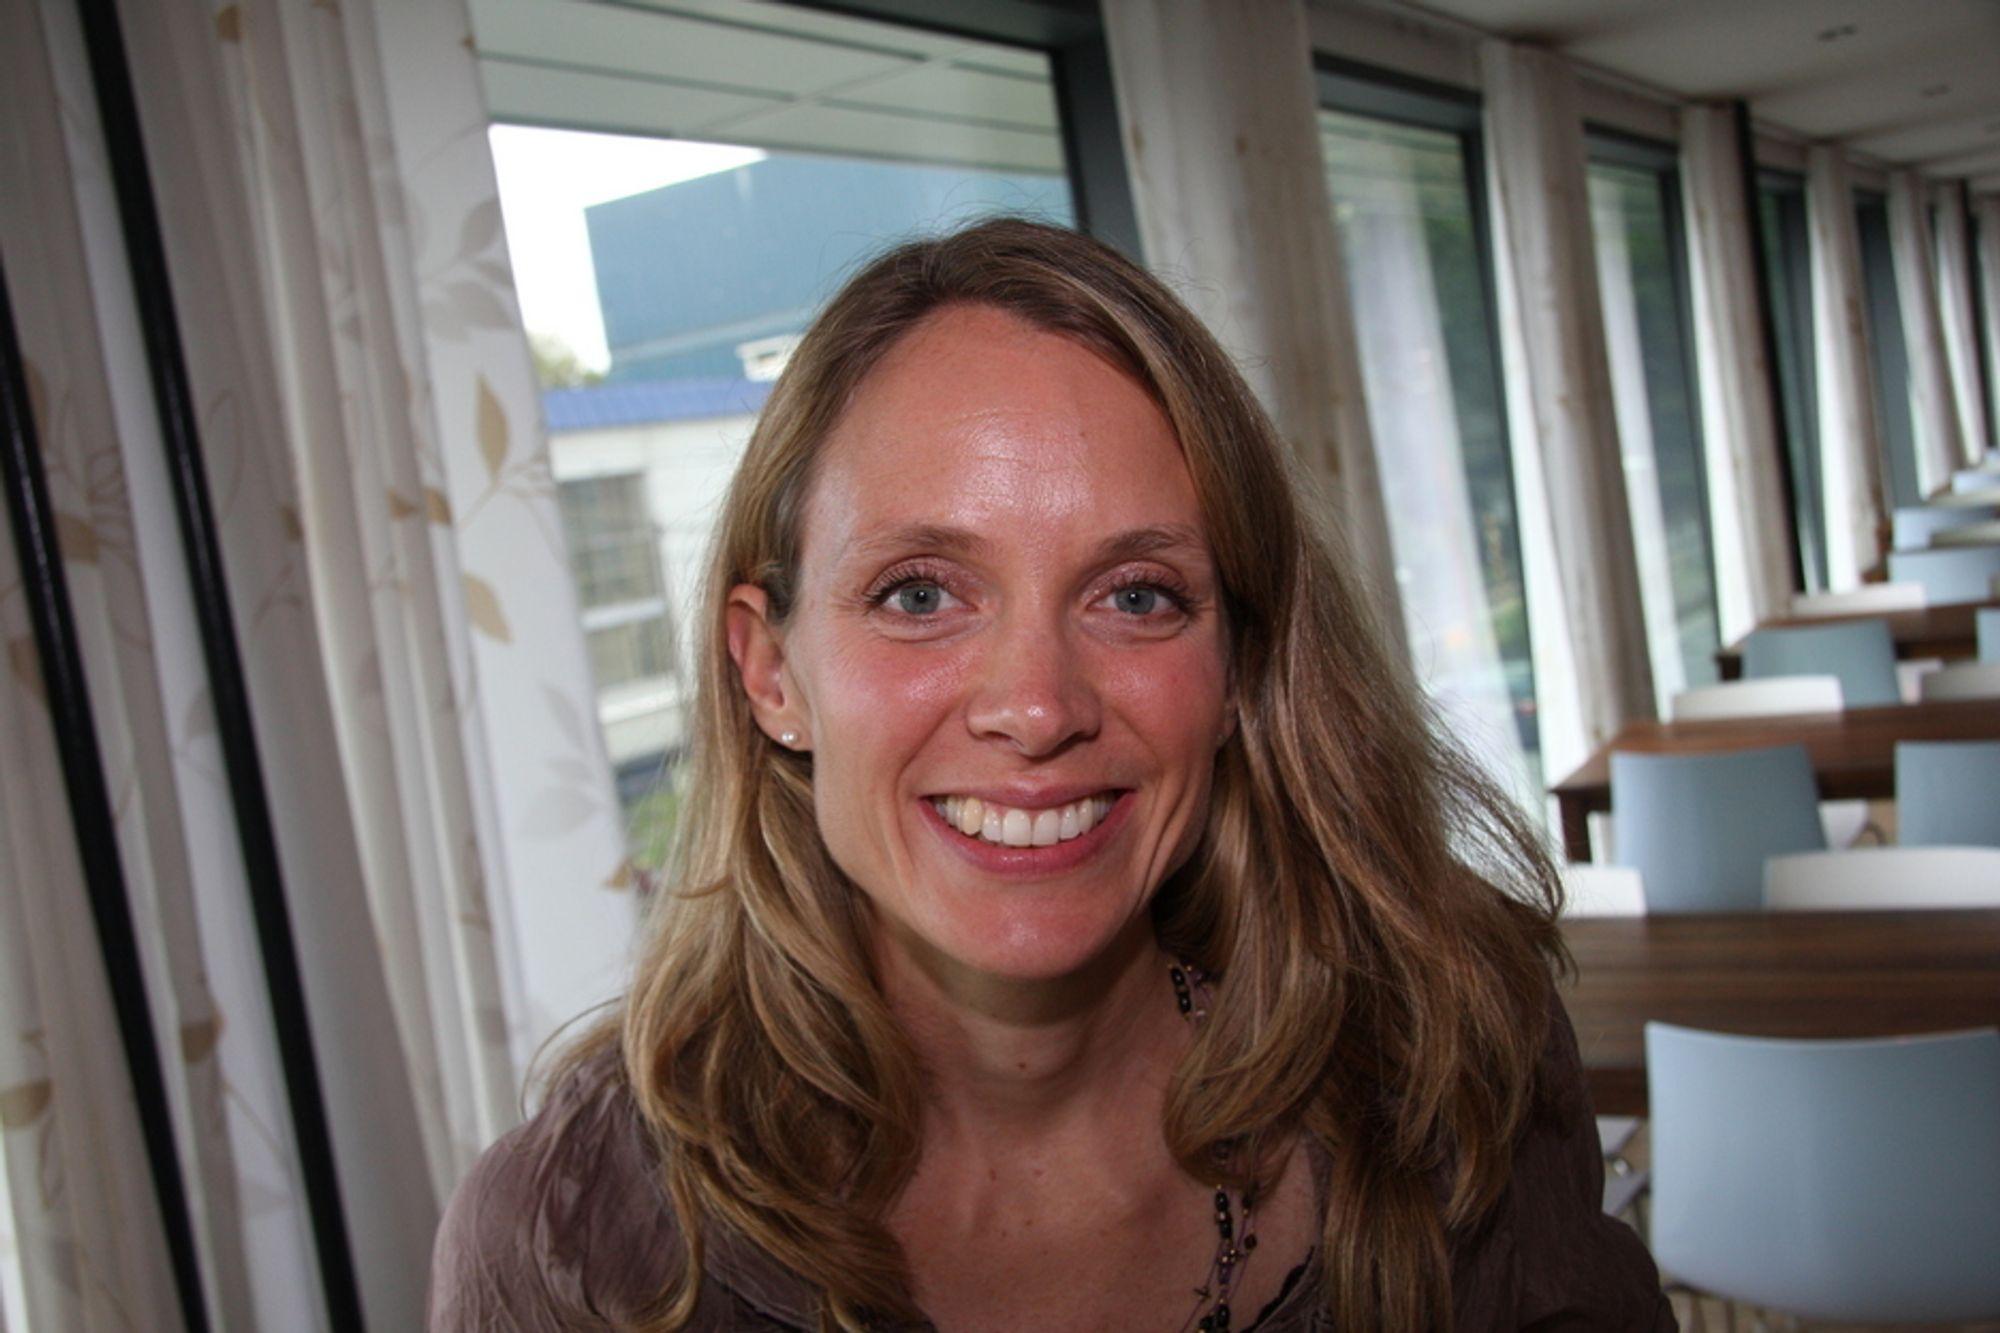 ETTERLYSER GODT HÅNDVERK: - Nøkkelen til mer miljøvennlige bygg ligger mye i et godt håndverk, sier Kirsti Gimnes Are, sivilingeniør og miljørådgiver hos Rambøll.